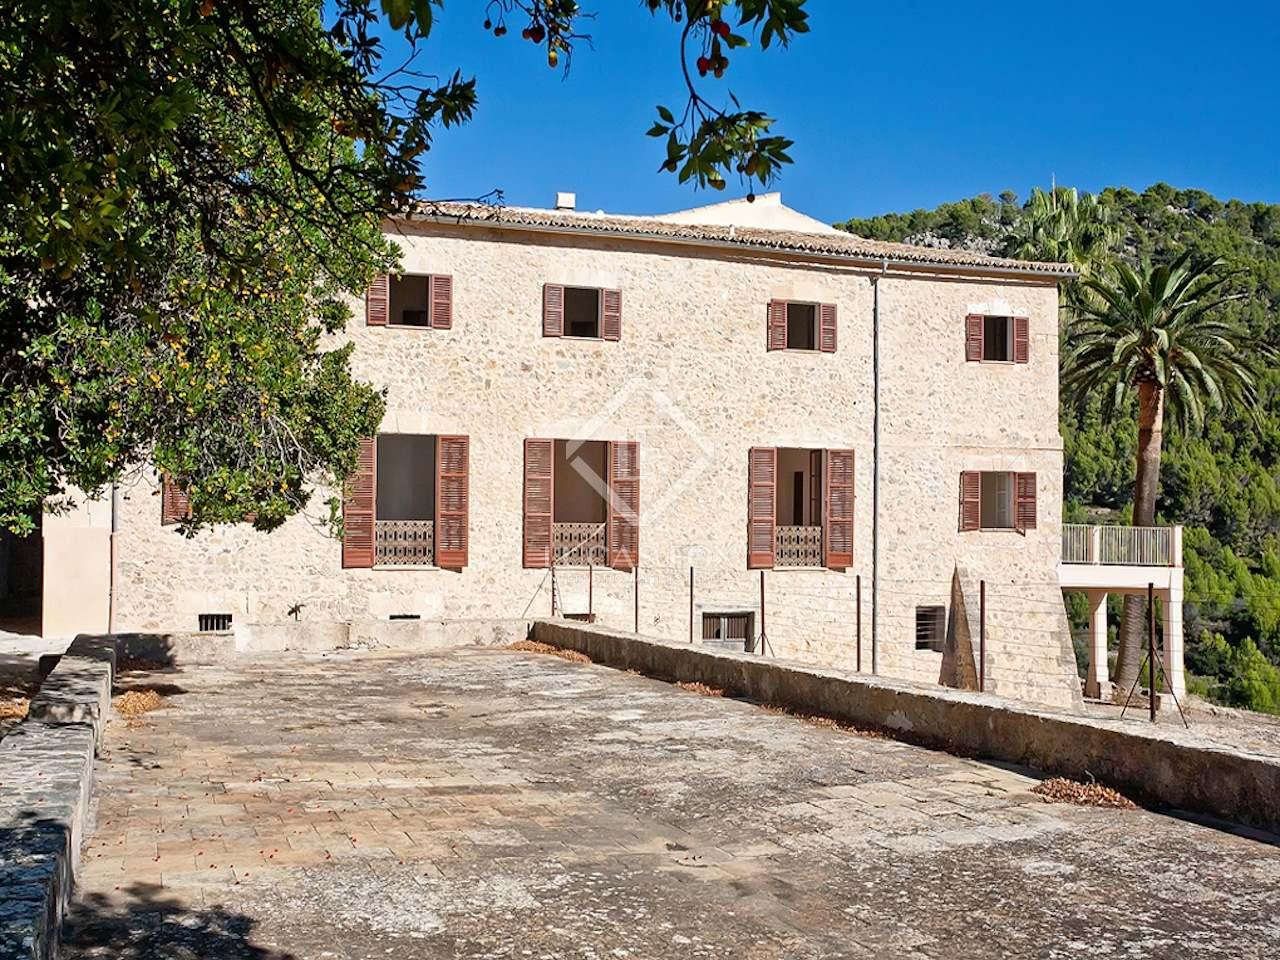 Casa rural en venta en puigpunyent en el oeste de mallorca - Casas para alquilar en mallorca ...